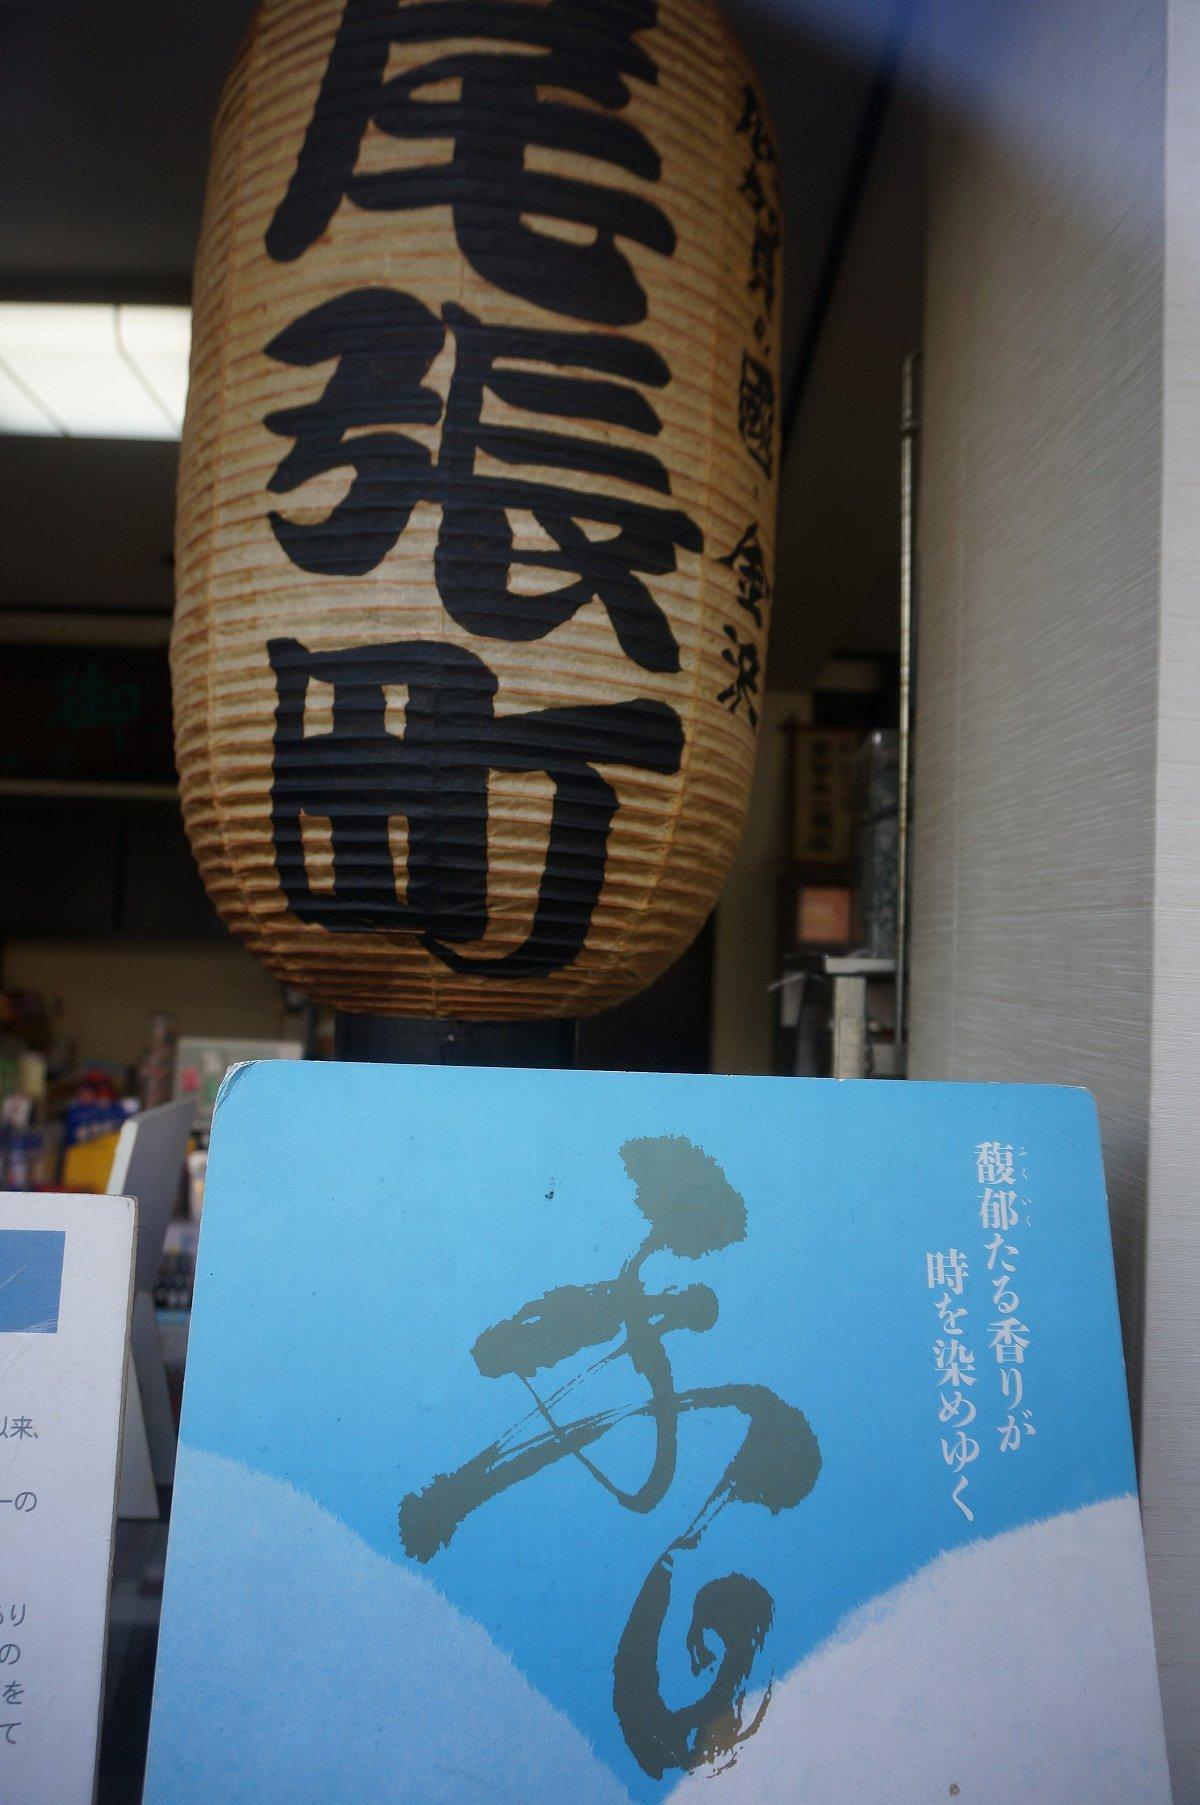 金沢市尾張町の建物群_c0112559_08541087.jpg